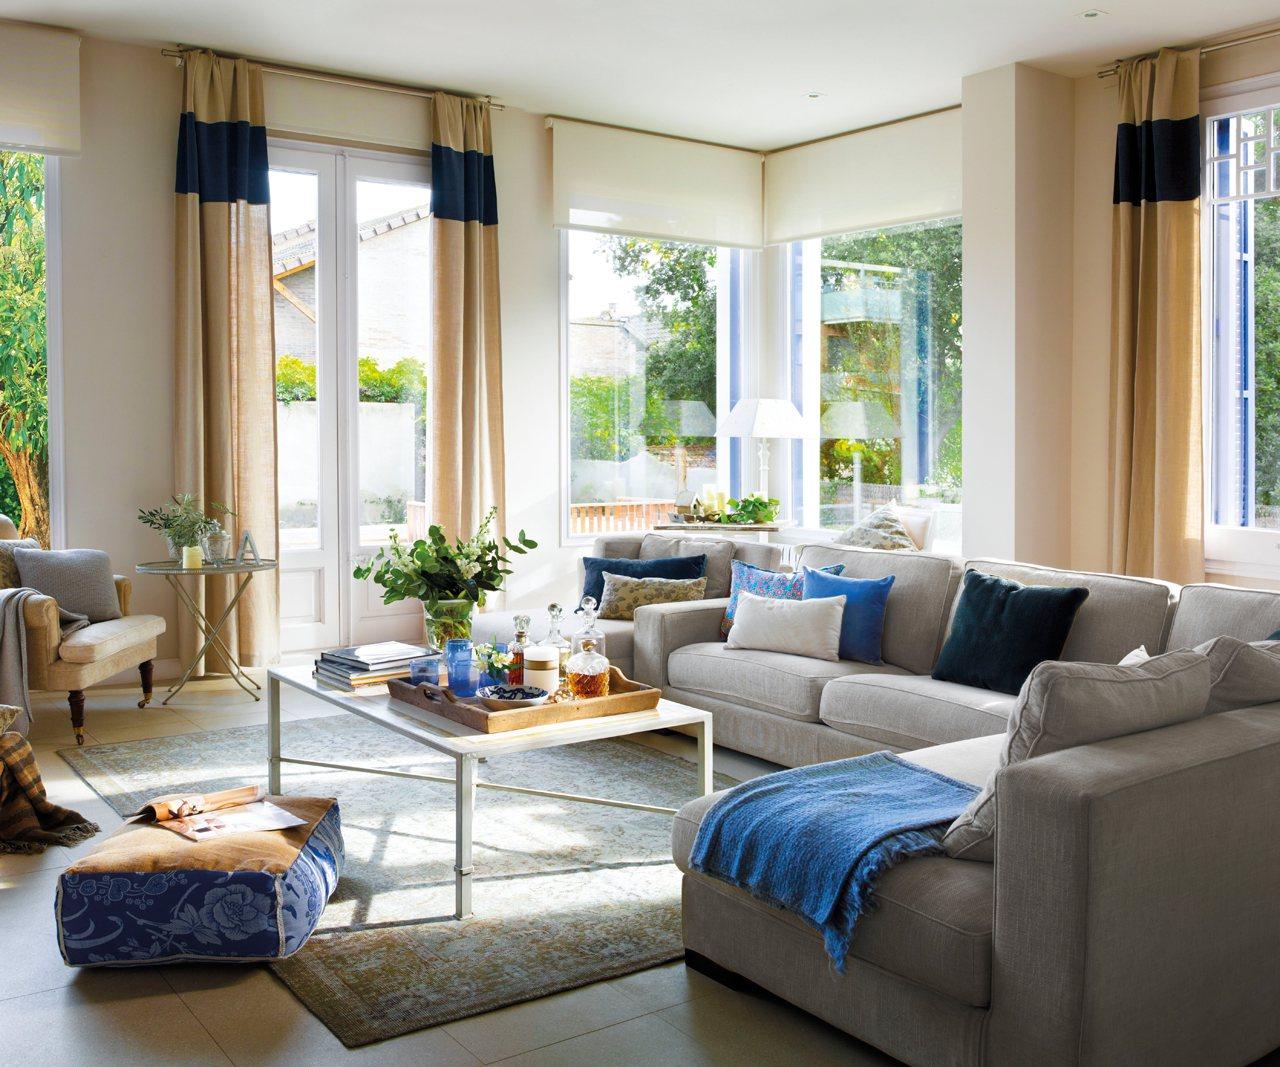 Salones En Azul - Diseños Arquitectónicos - Mimasku.com